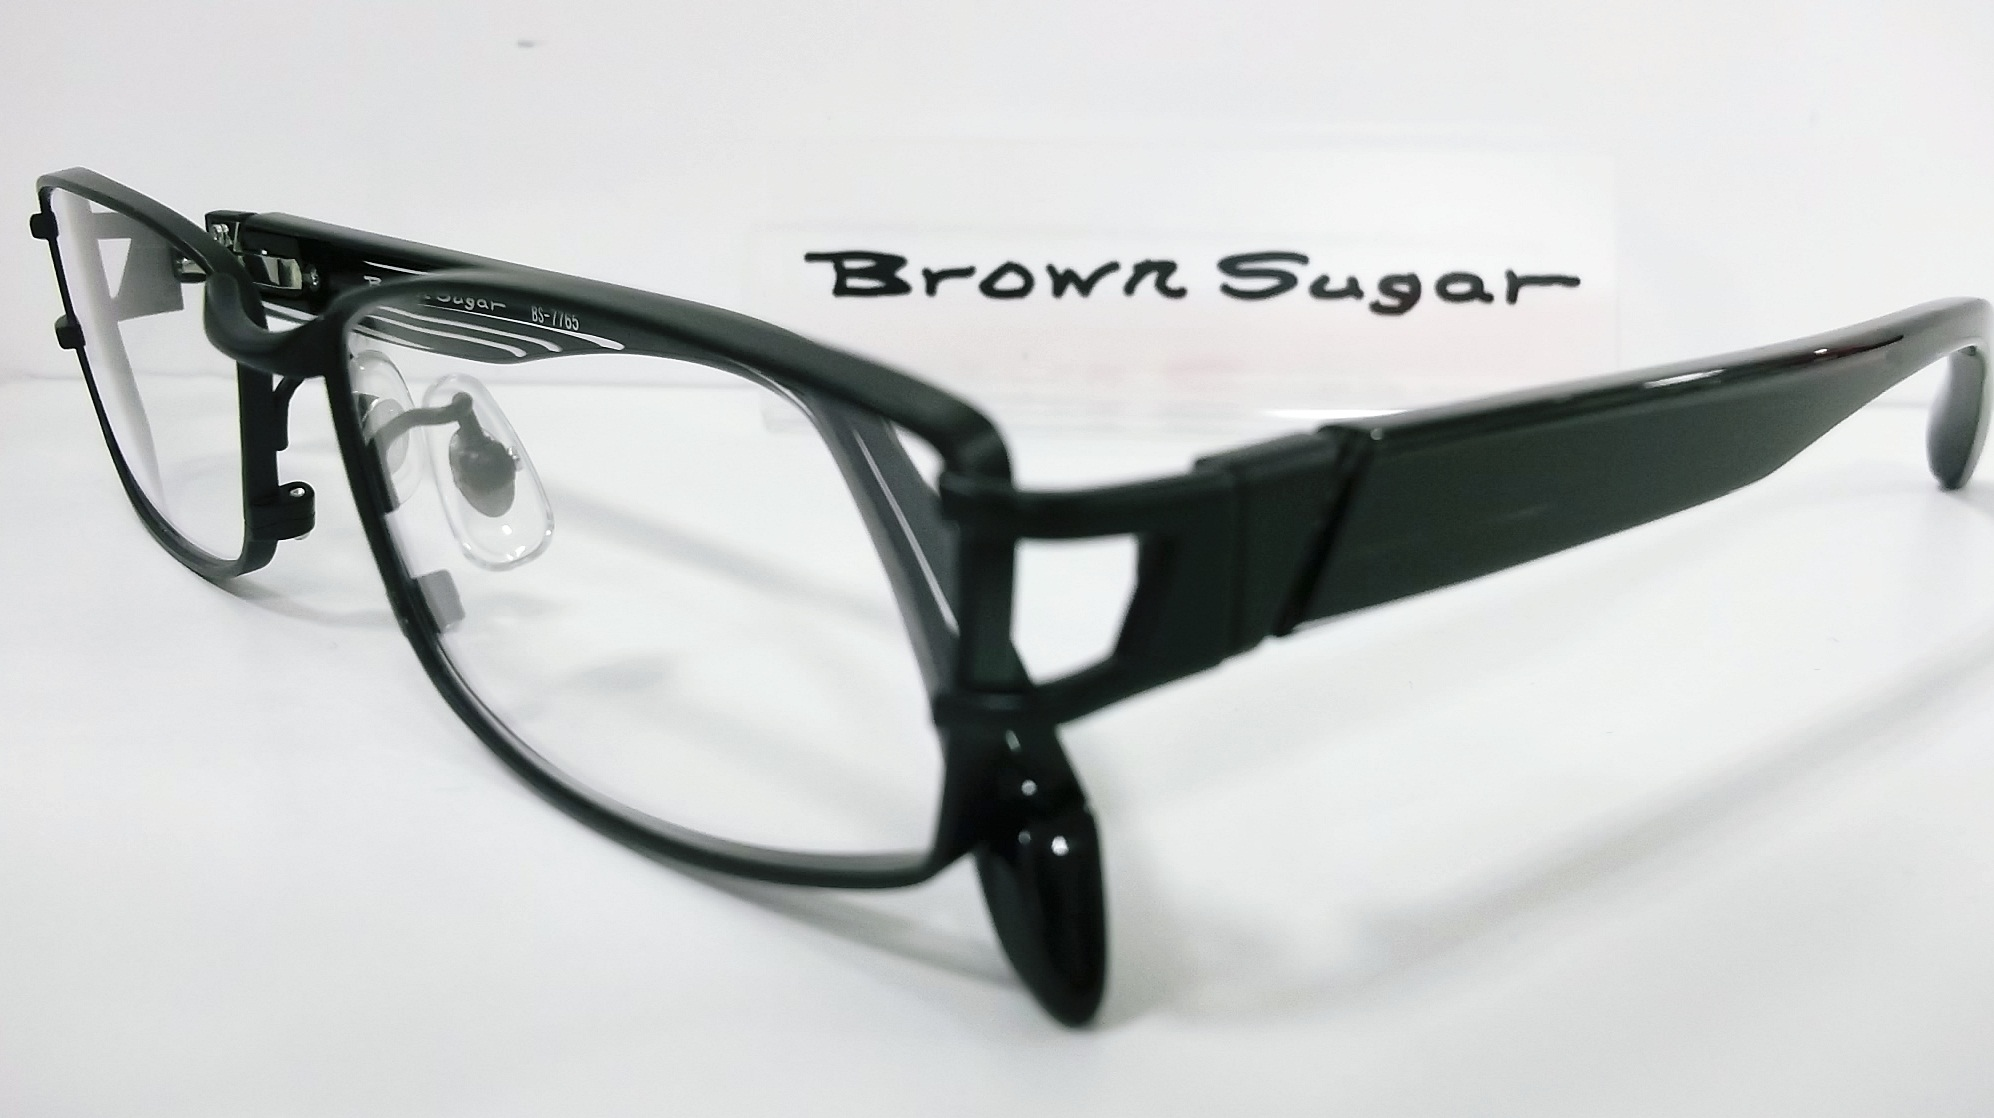 BROWNSUGAR 061002